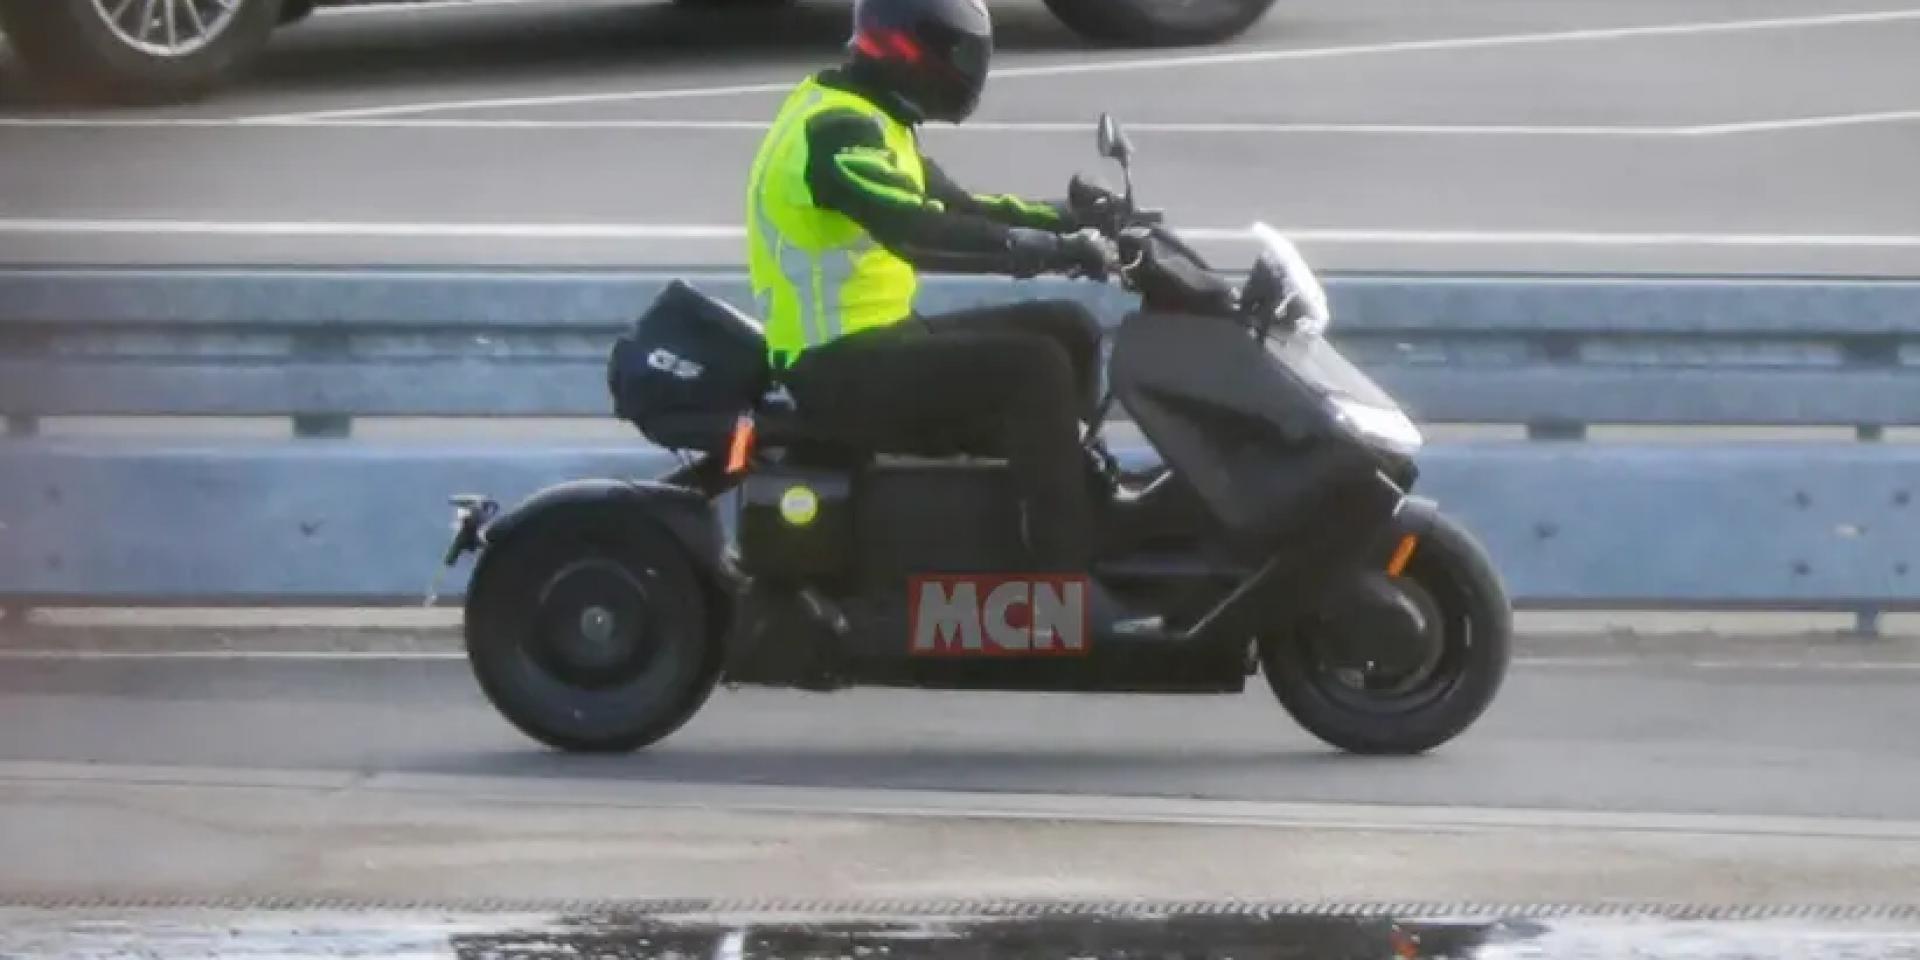 量產版年底發表?BMW CE 04電動速可達測試間諜照曝光!